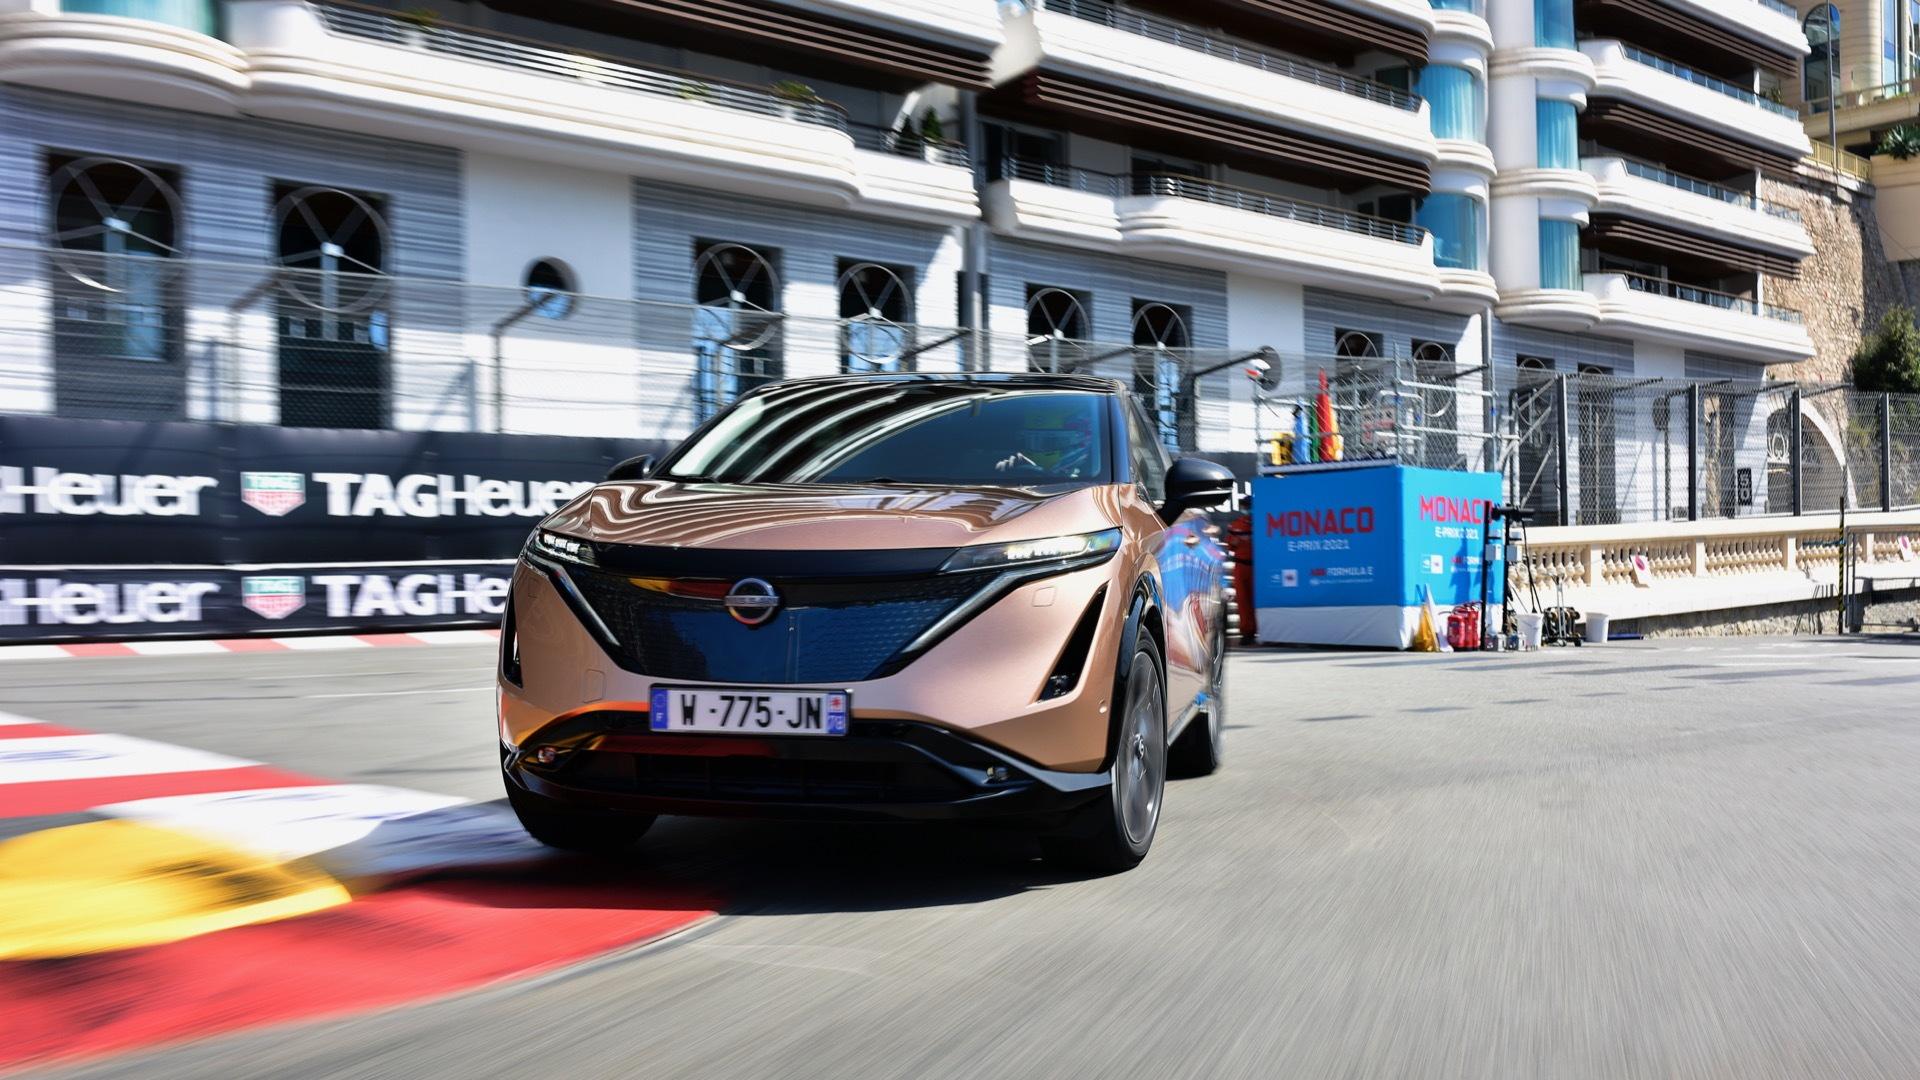 Nissan Ariya prototype in Monaco